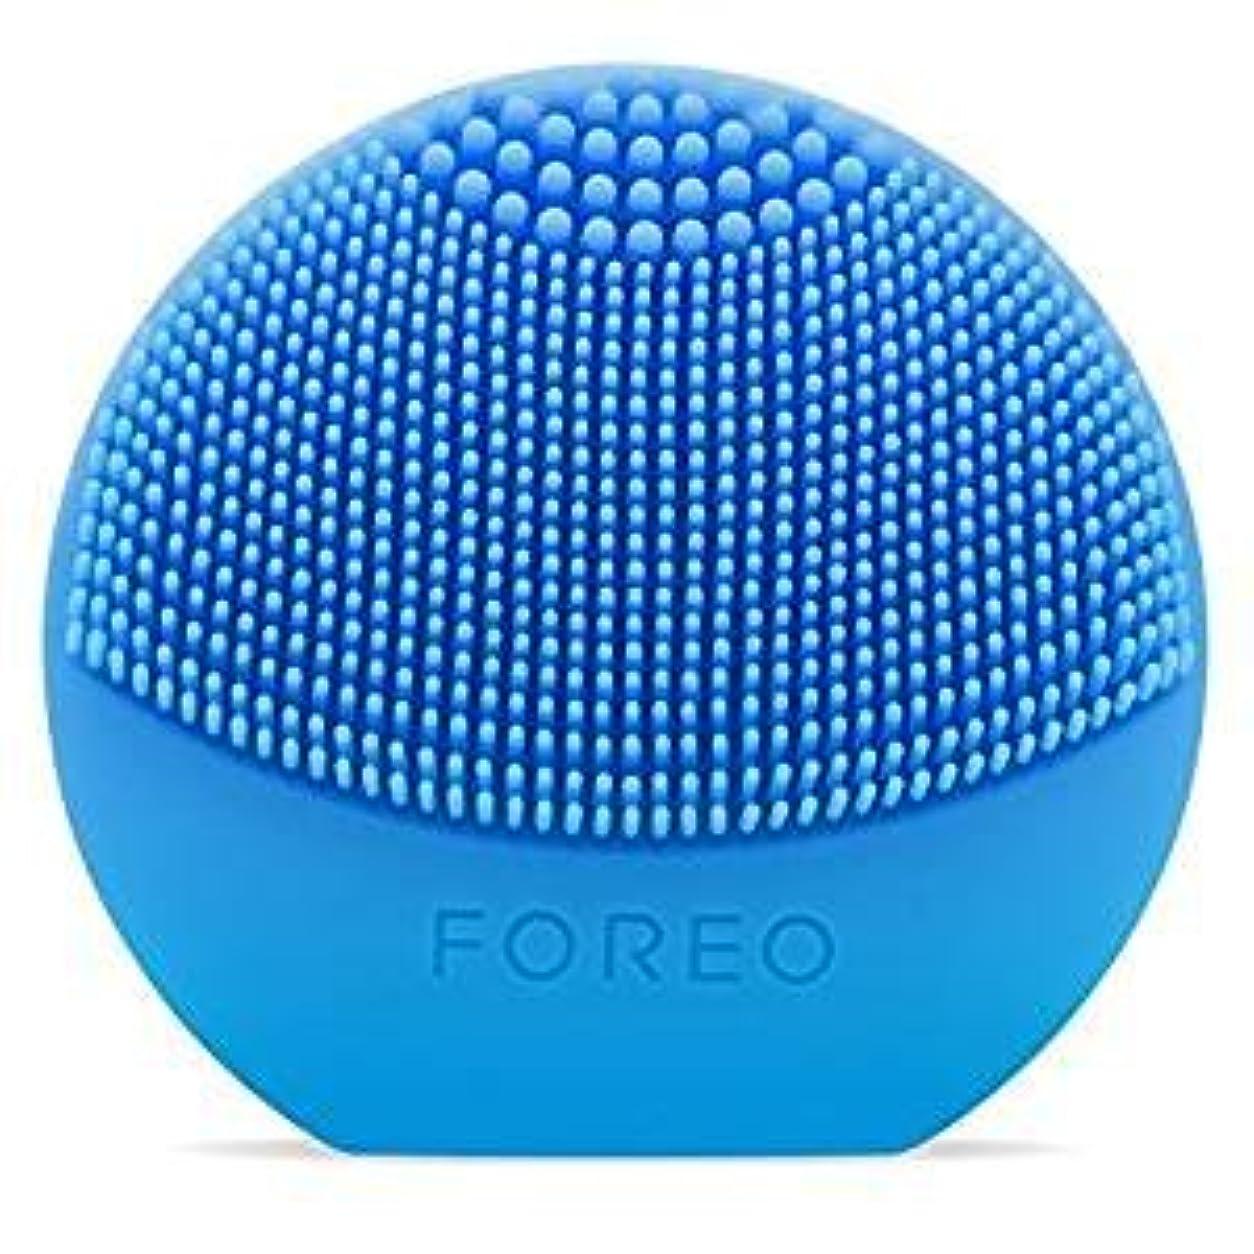 パイロット処理快適FOREO LUNA Play Plus アクアマリン シリコーン製 音波振動 電動洗顔ブラシ 電池式